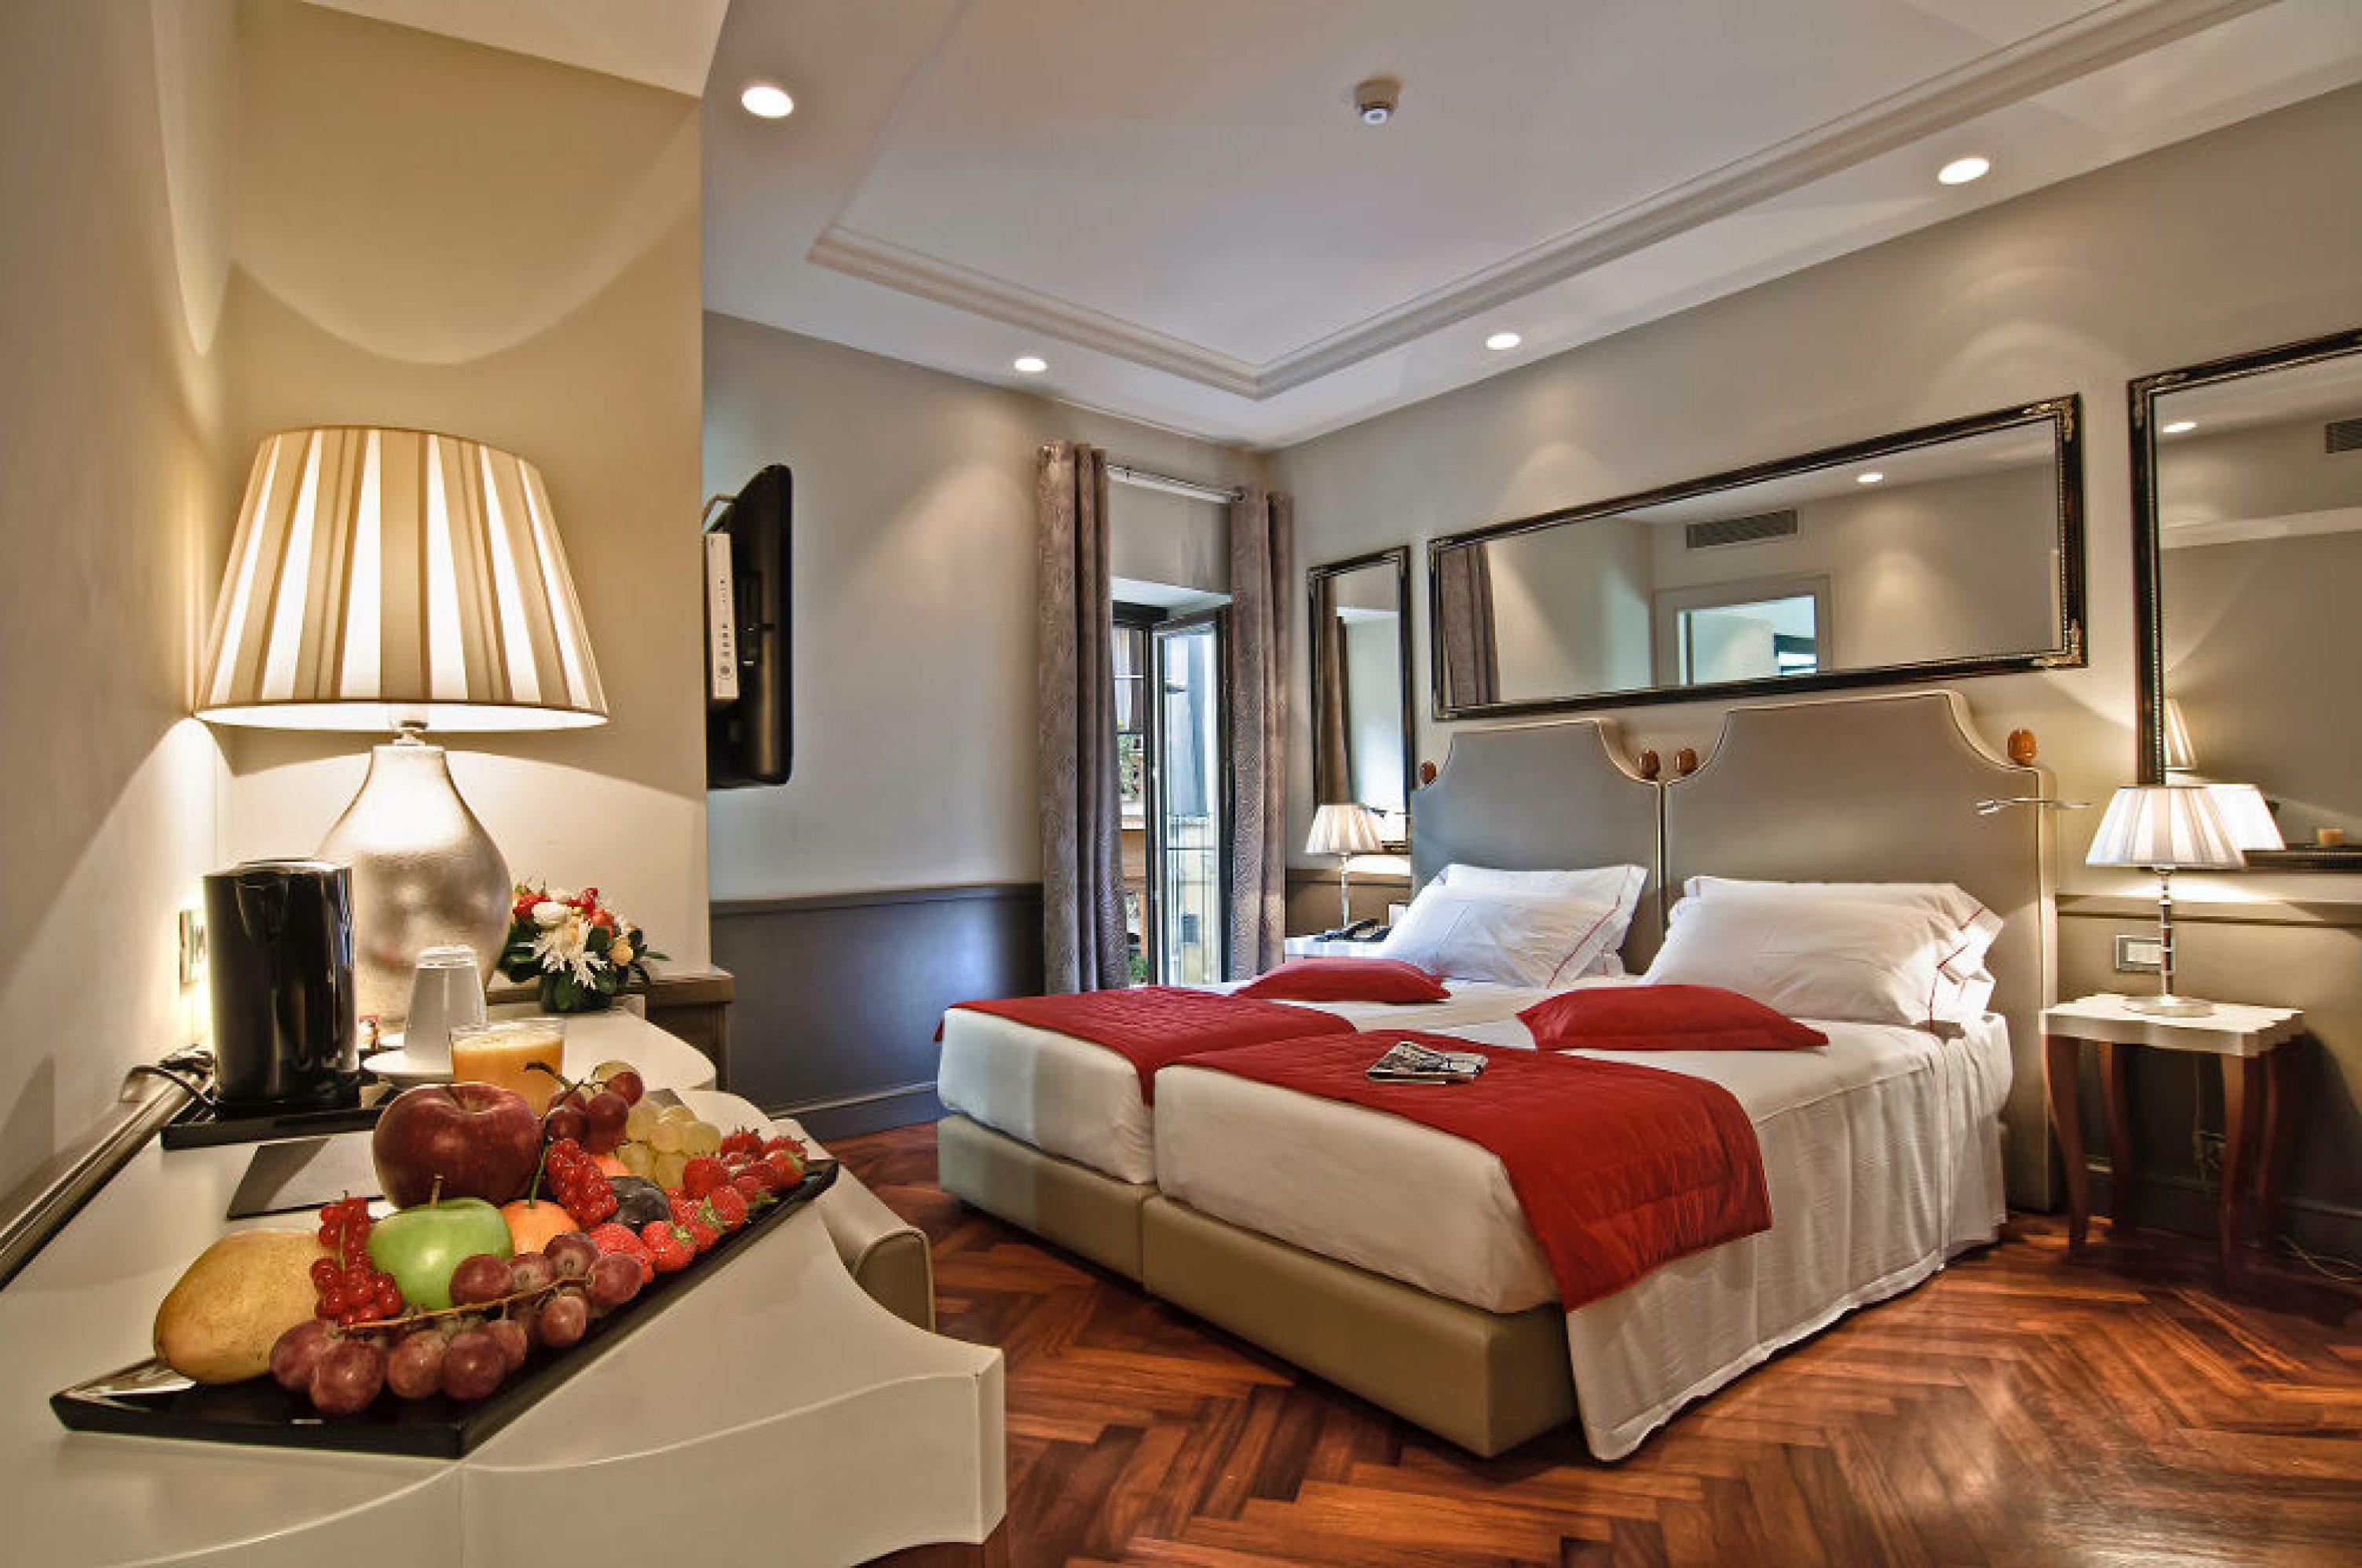 Lunetta boutique hotel in central Rome